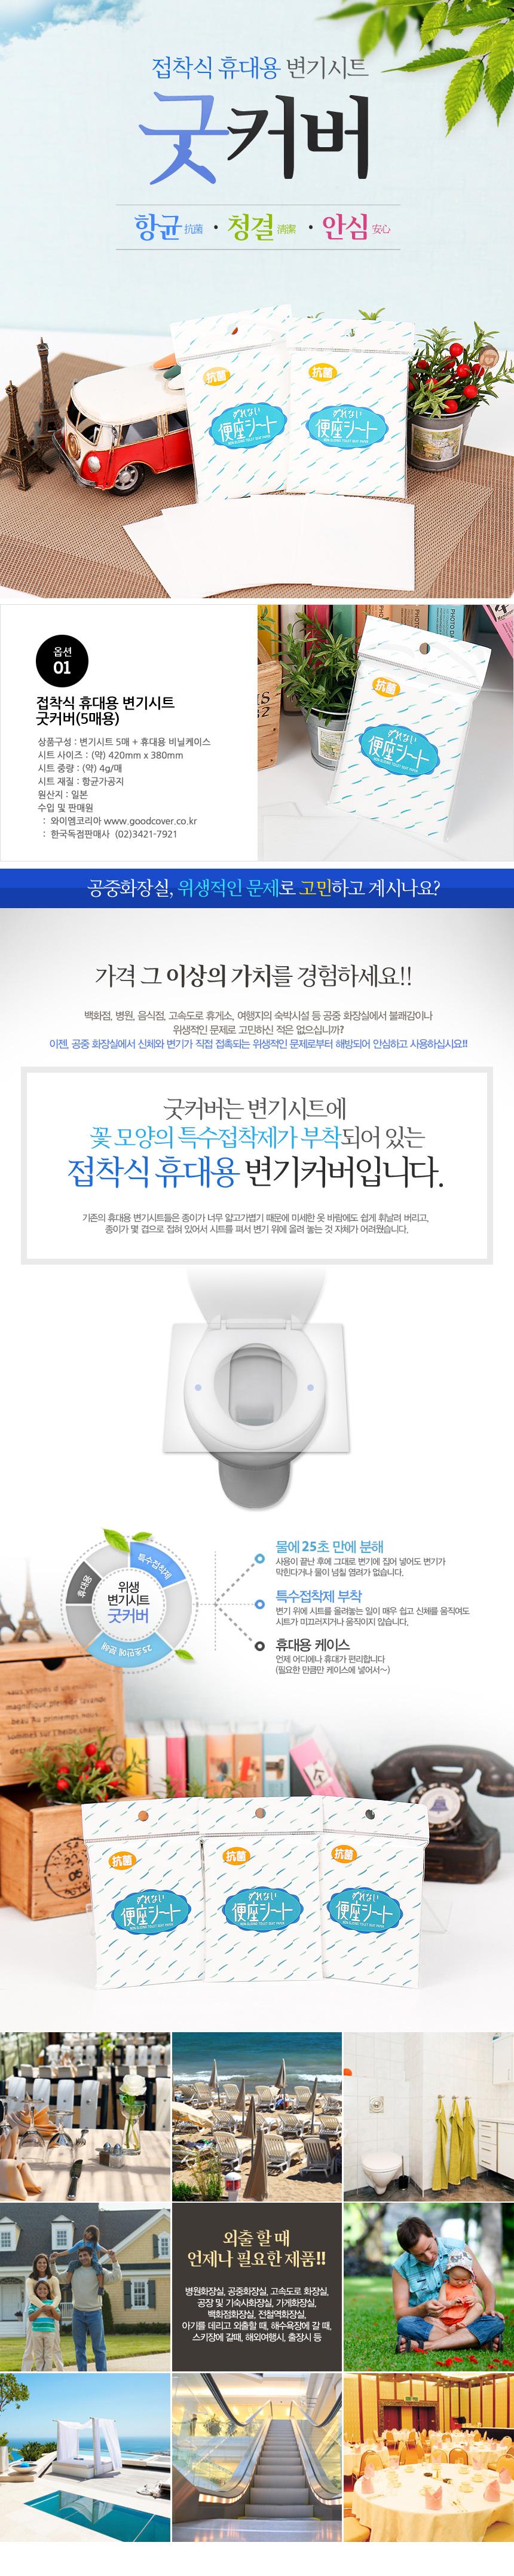 굿커버 변기시트 5매용 - 굿커버, 2,000원, 피크닉도시락/식기, 냅킨/페이퍼/타올